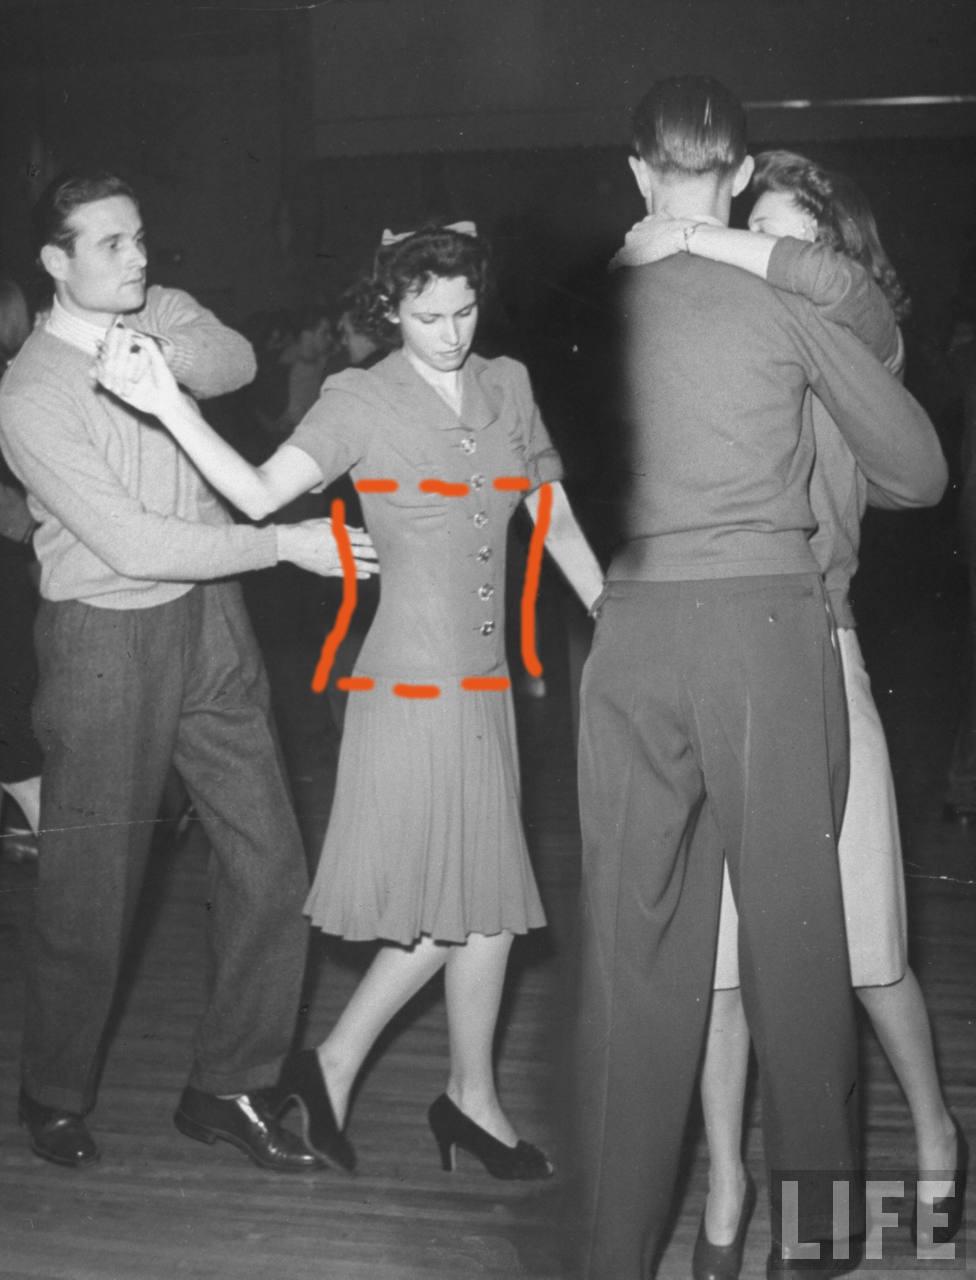 online retailer 88a0f 68c24 Piccoli consigli tra amiche sull'abbigliamento... - Swing ...